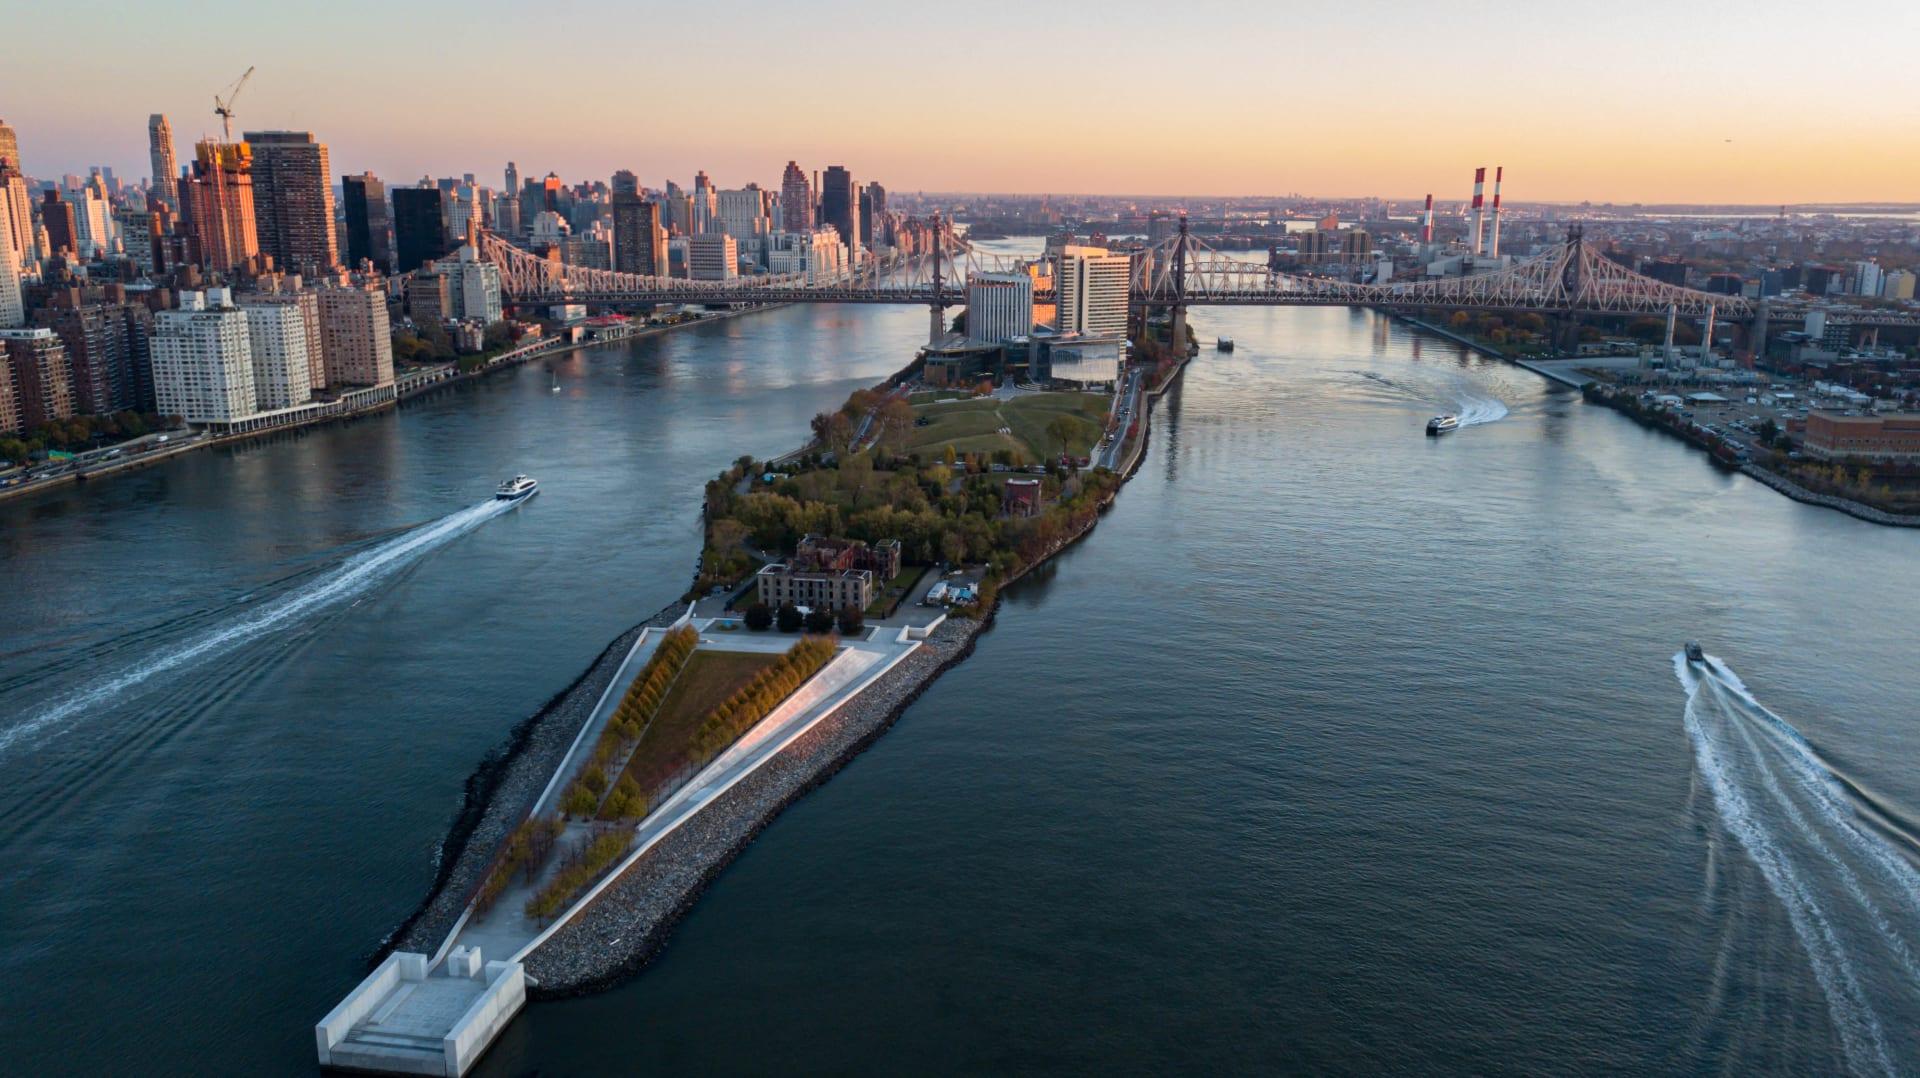 رغم ماضيها المظلم..جزيرة في نيويورك تفتتح أول فندق على أرضها